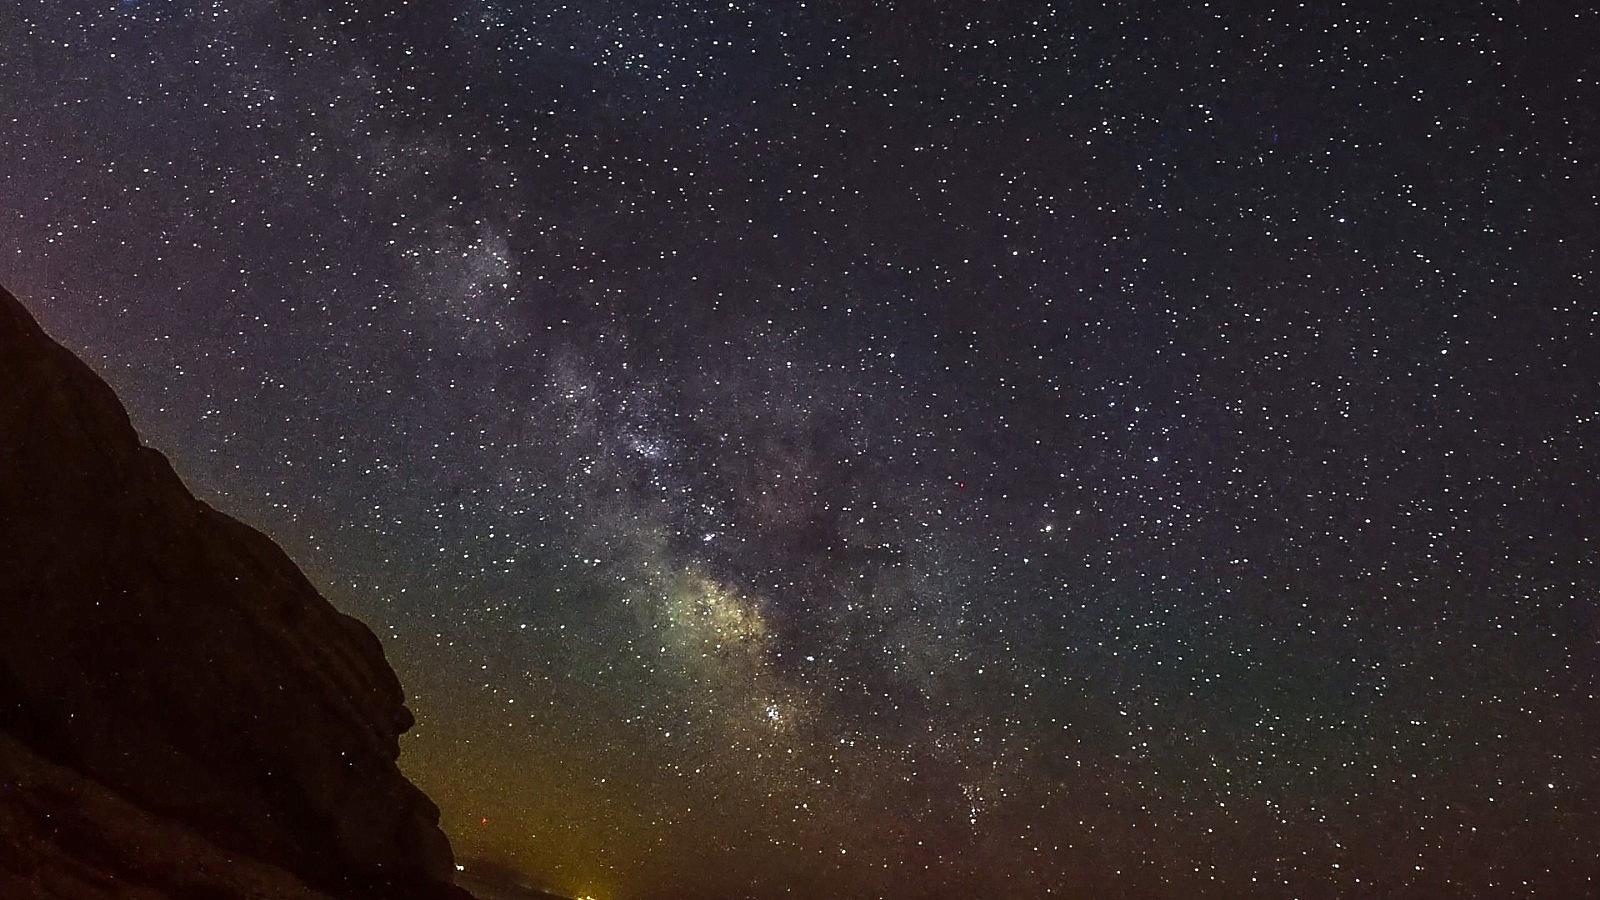 2021/05/samanyolu-galaksisi-turkiyeden-boyle-goruntulendi-20210512AW31-1.jpg